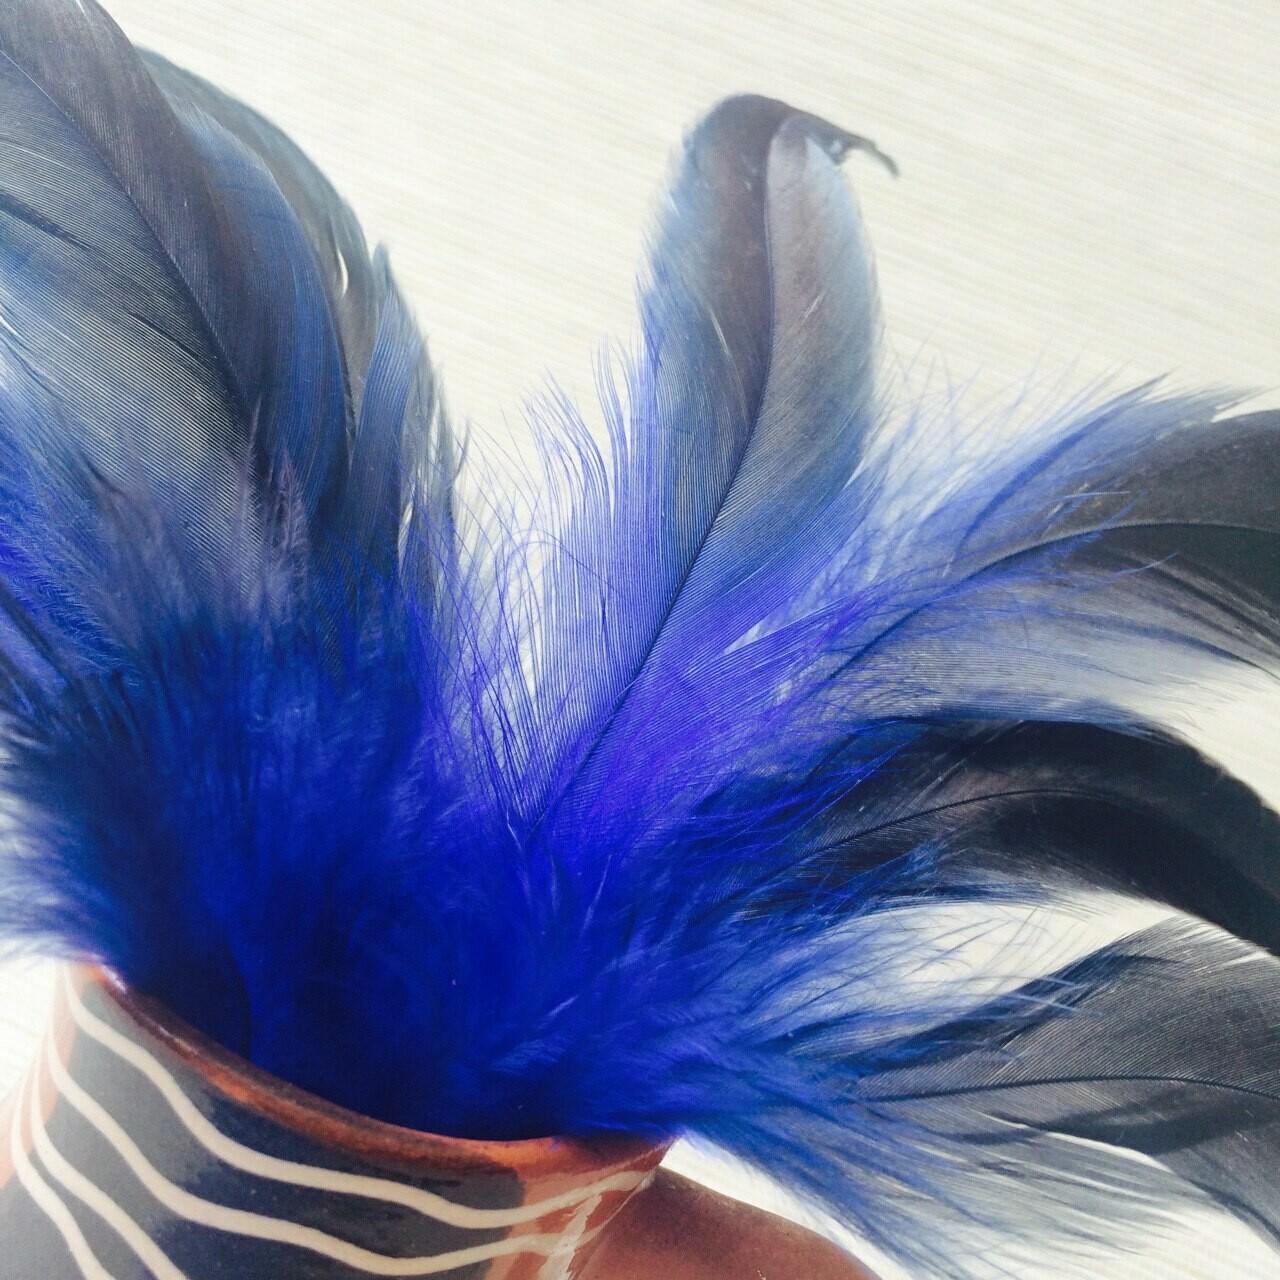 Перья петуха синие двухцветные 10 - 15 см. 20 шт.